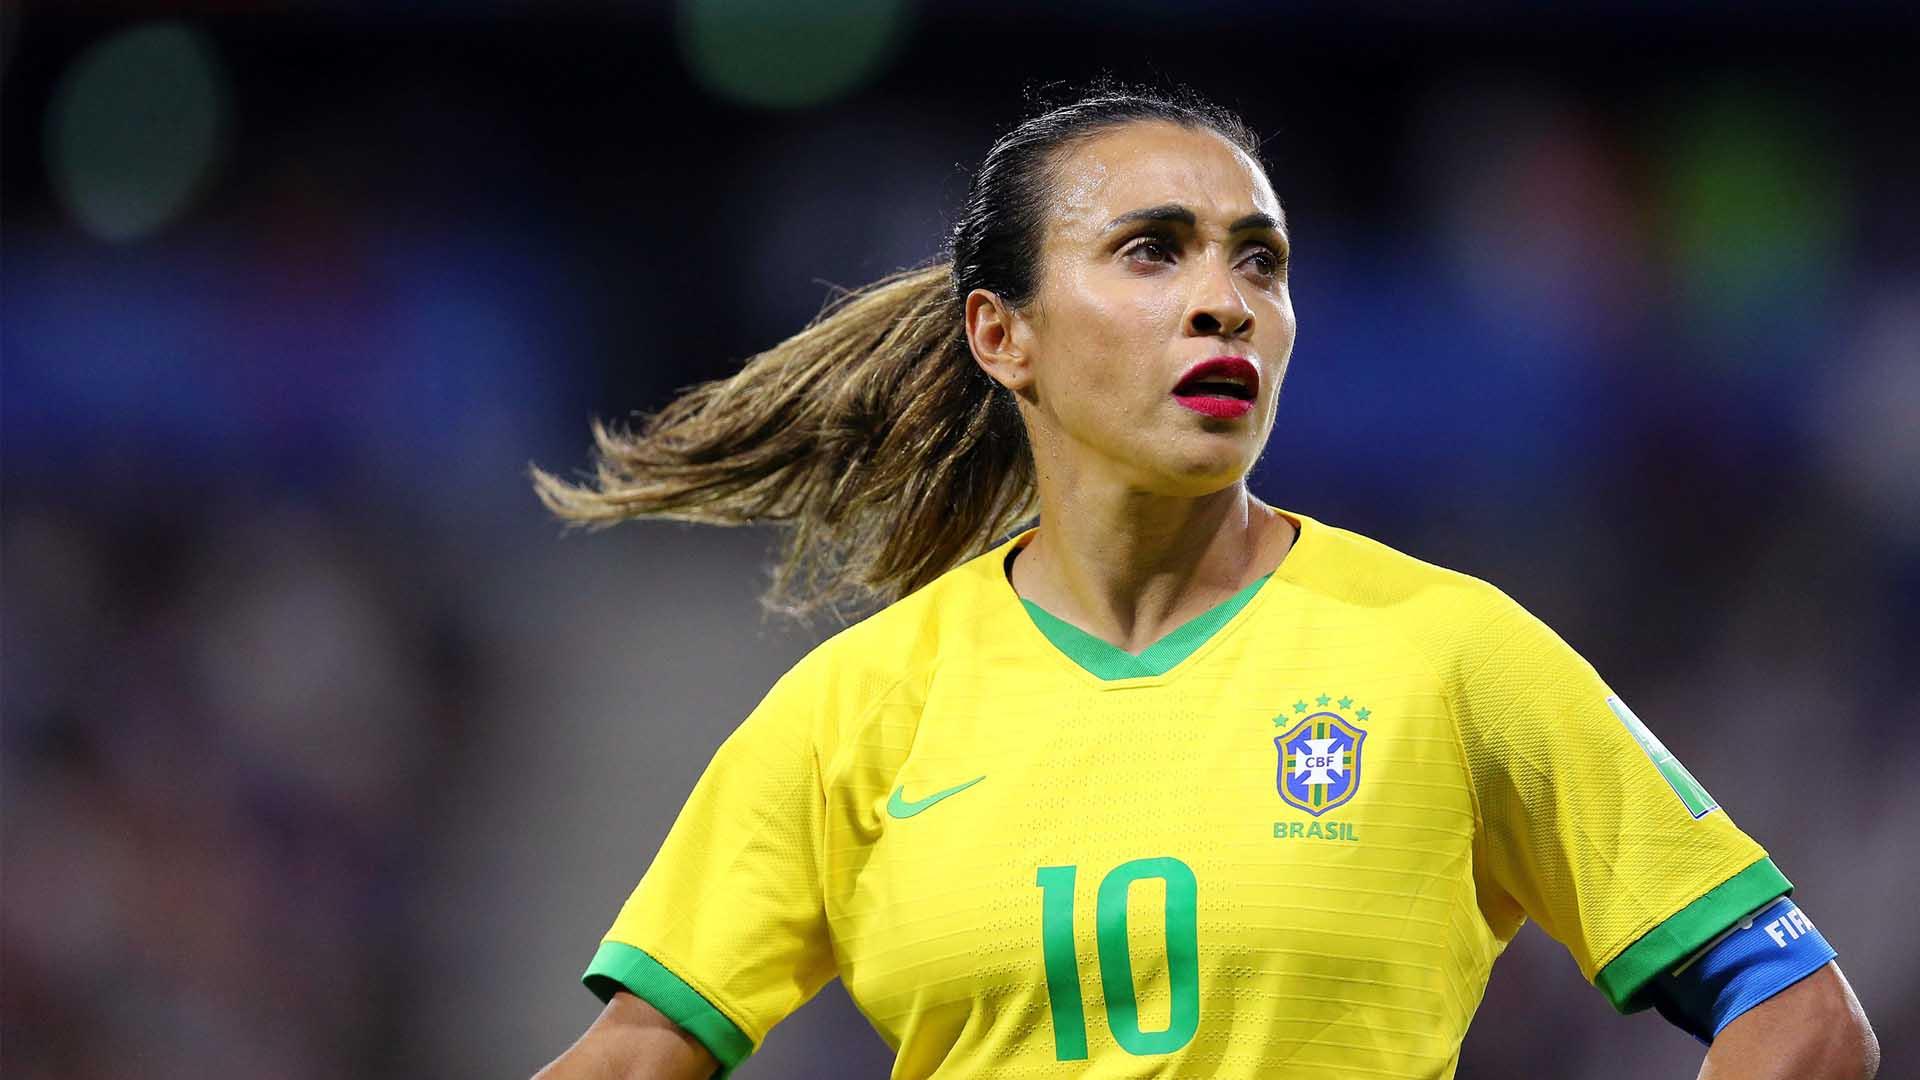 brasil copa do mundo feminina 2019